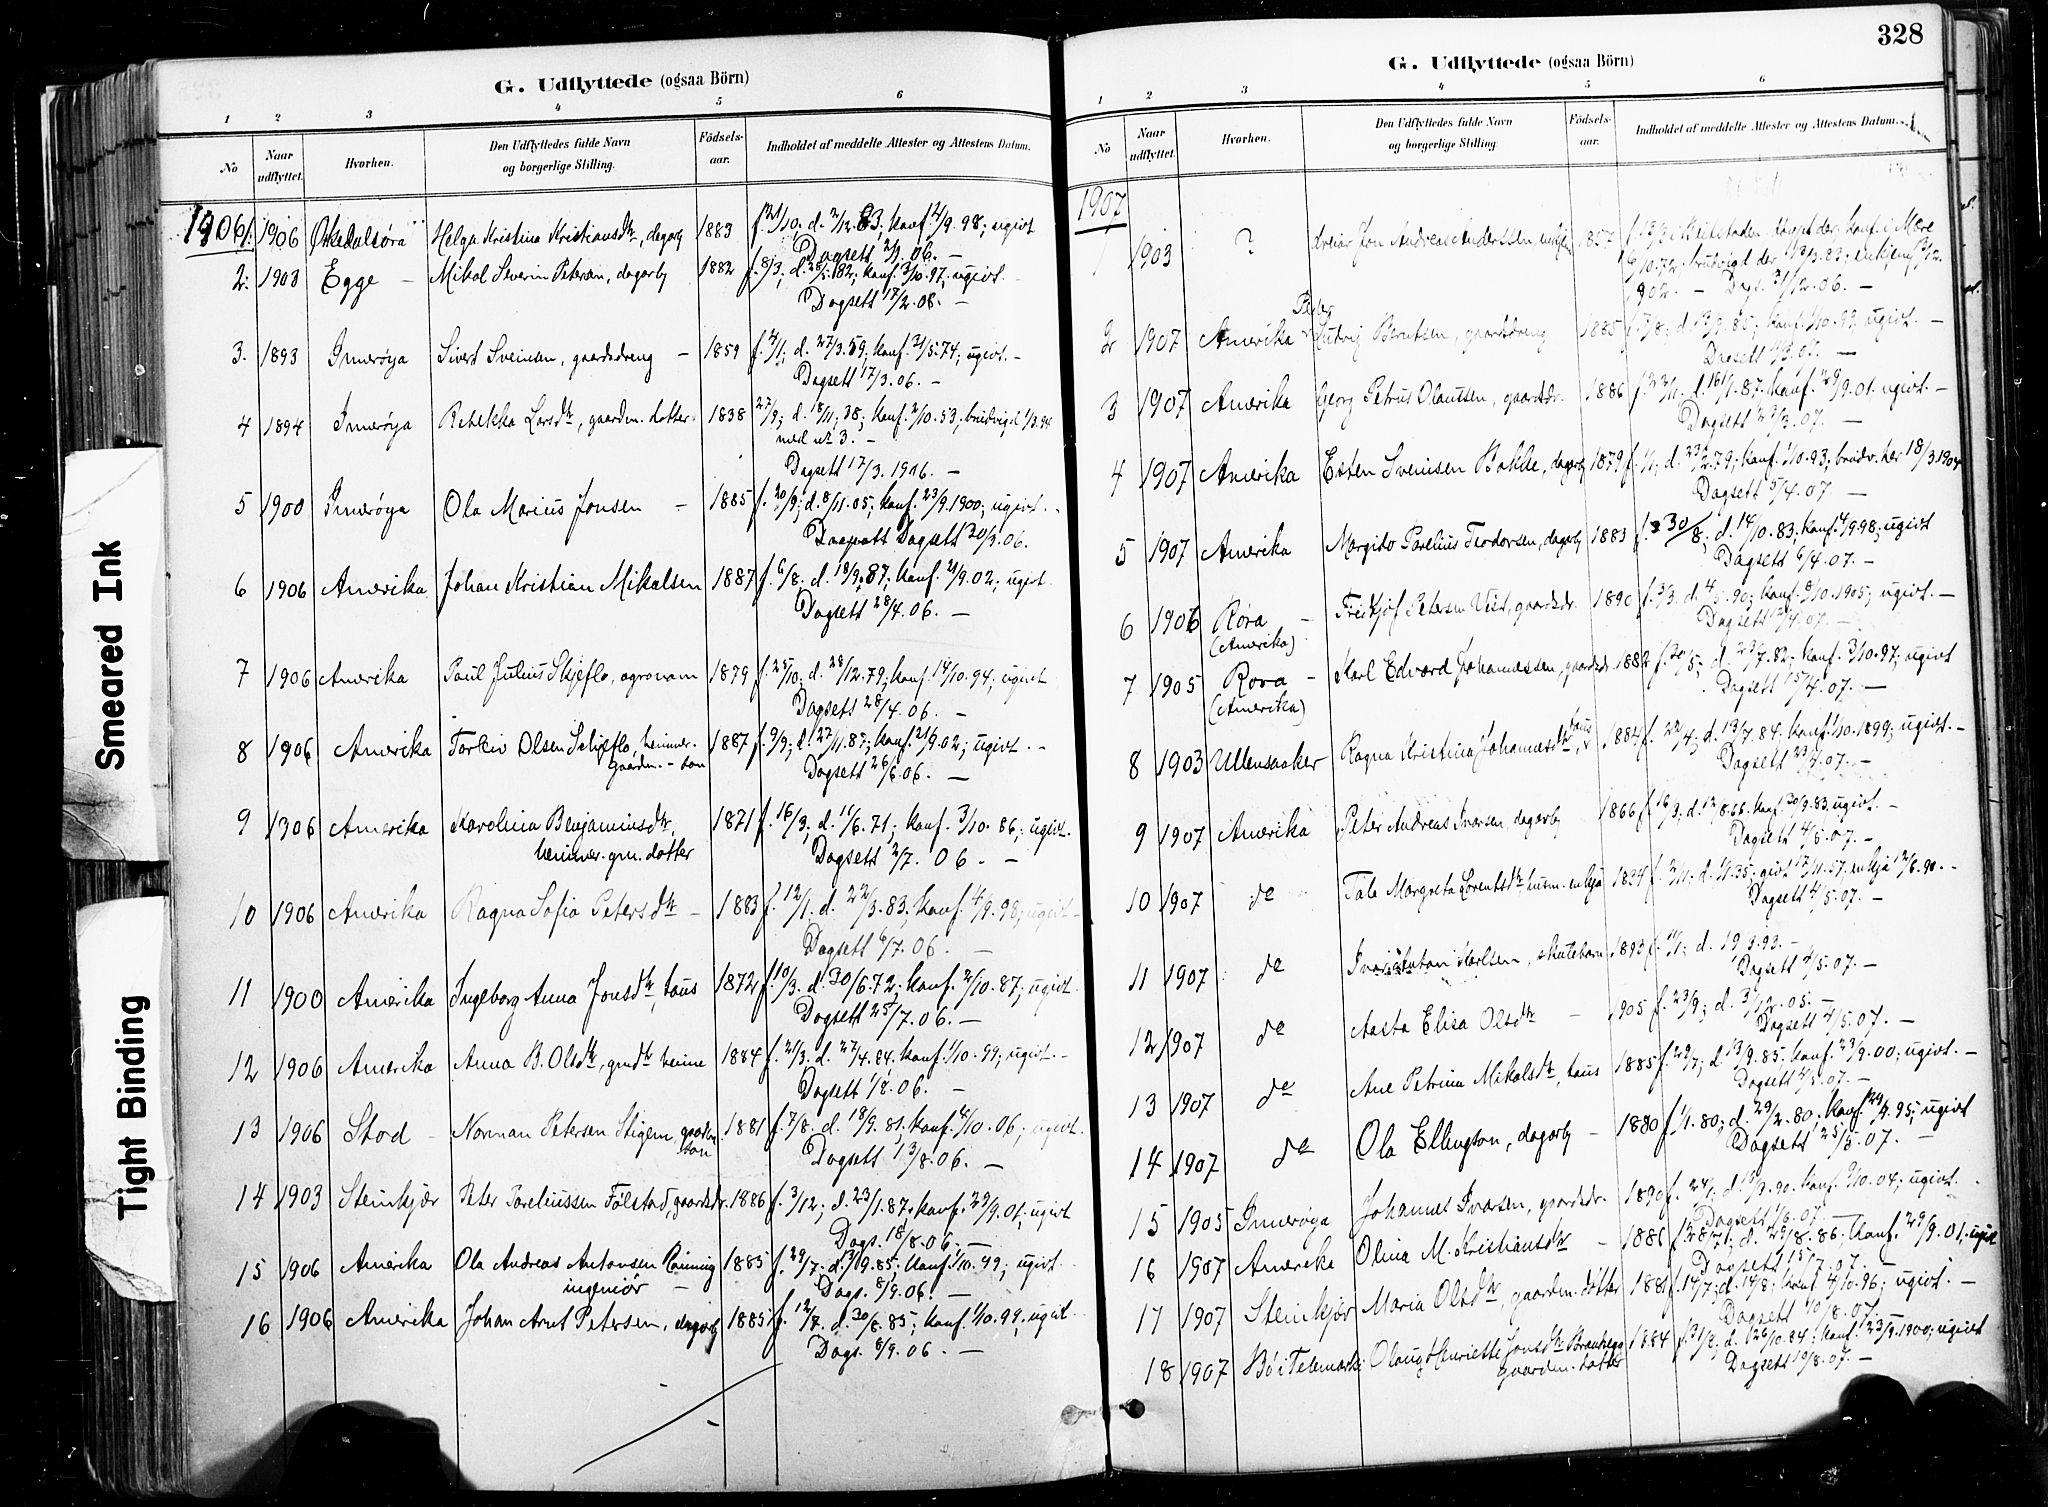 SAT, Ministerialprotokoller, klokkerbøker og fødselsregistre - Nord-Trøndelag, 735/L0351: Ministerialbok nr. 735A10, 1884-1908, s. 328